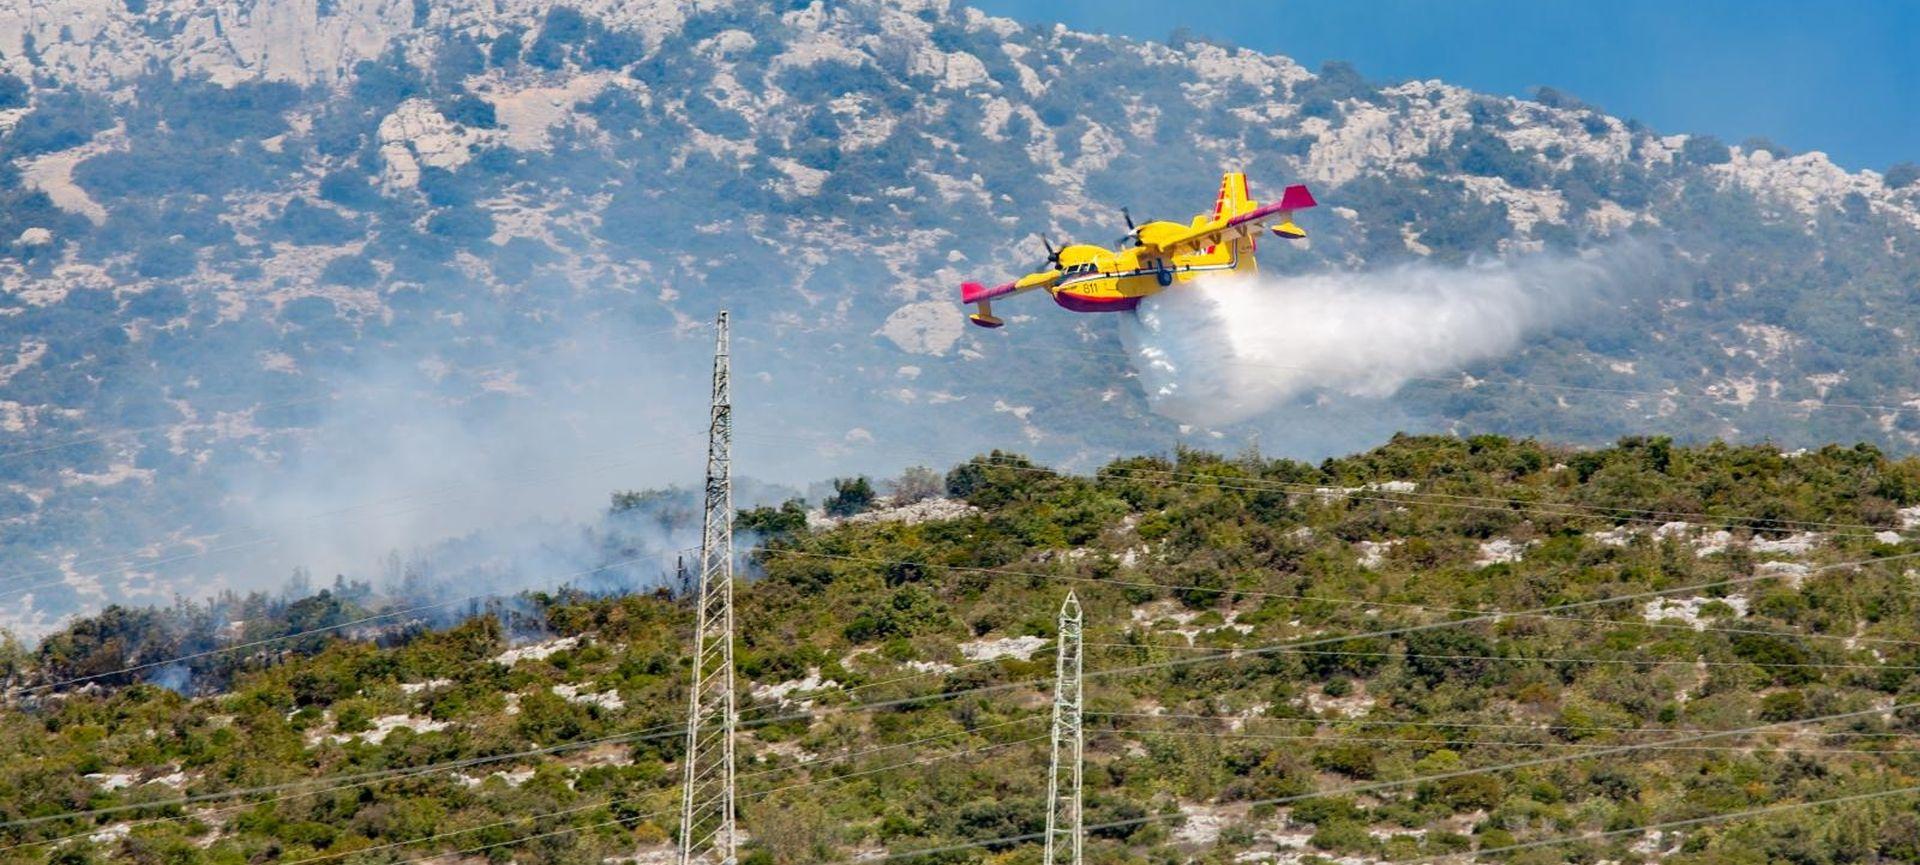 Požar na Pelješcu uspješno stavljen pod nadzor, danas prioritet Kula Norinska